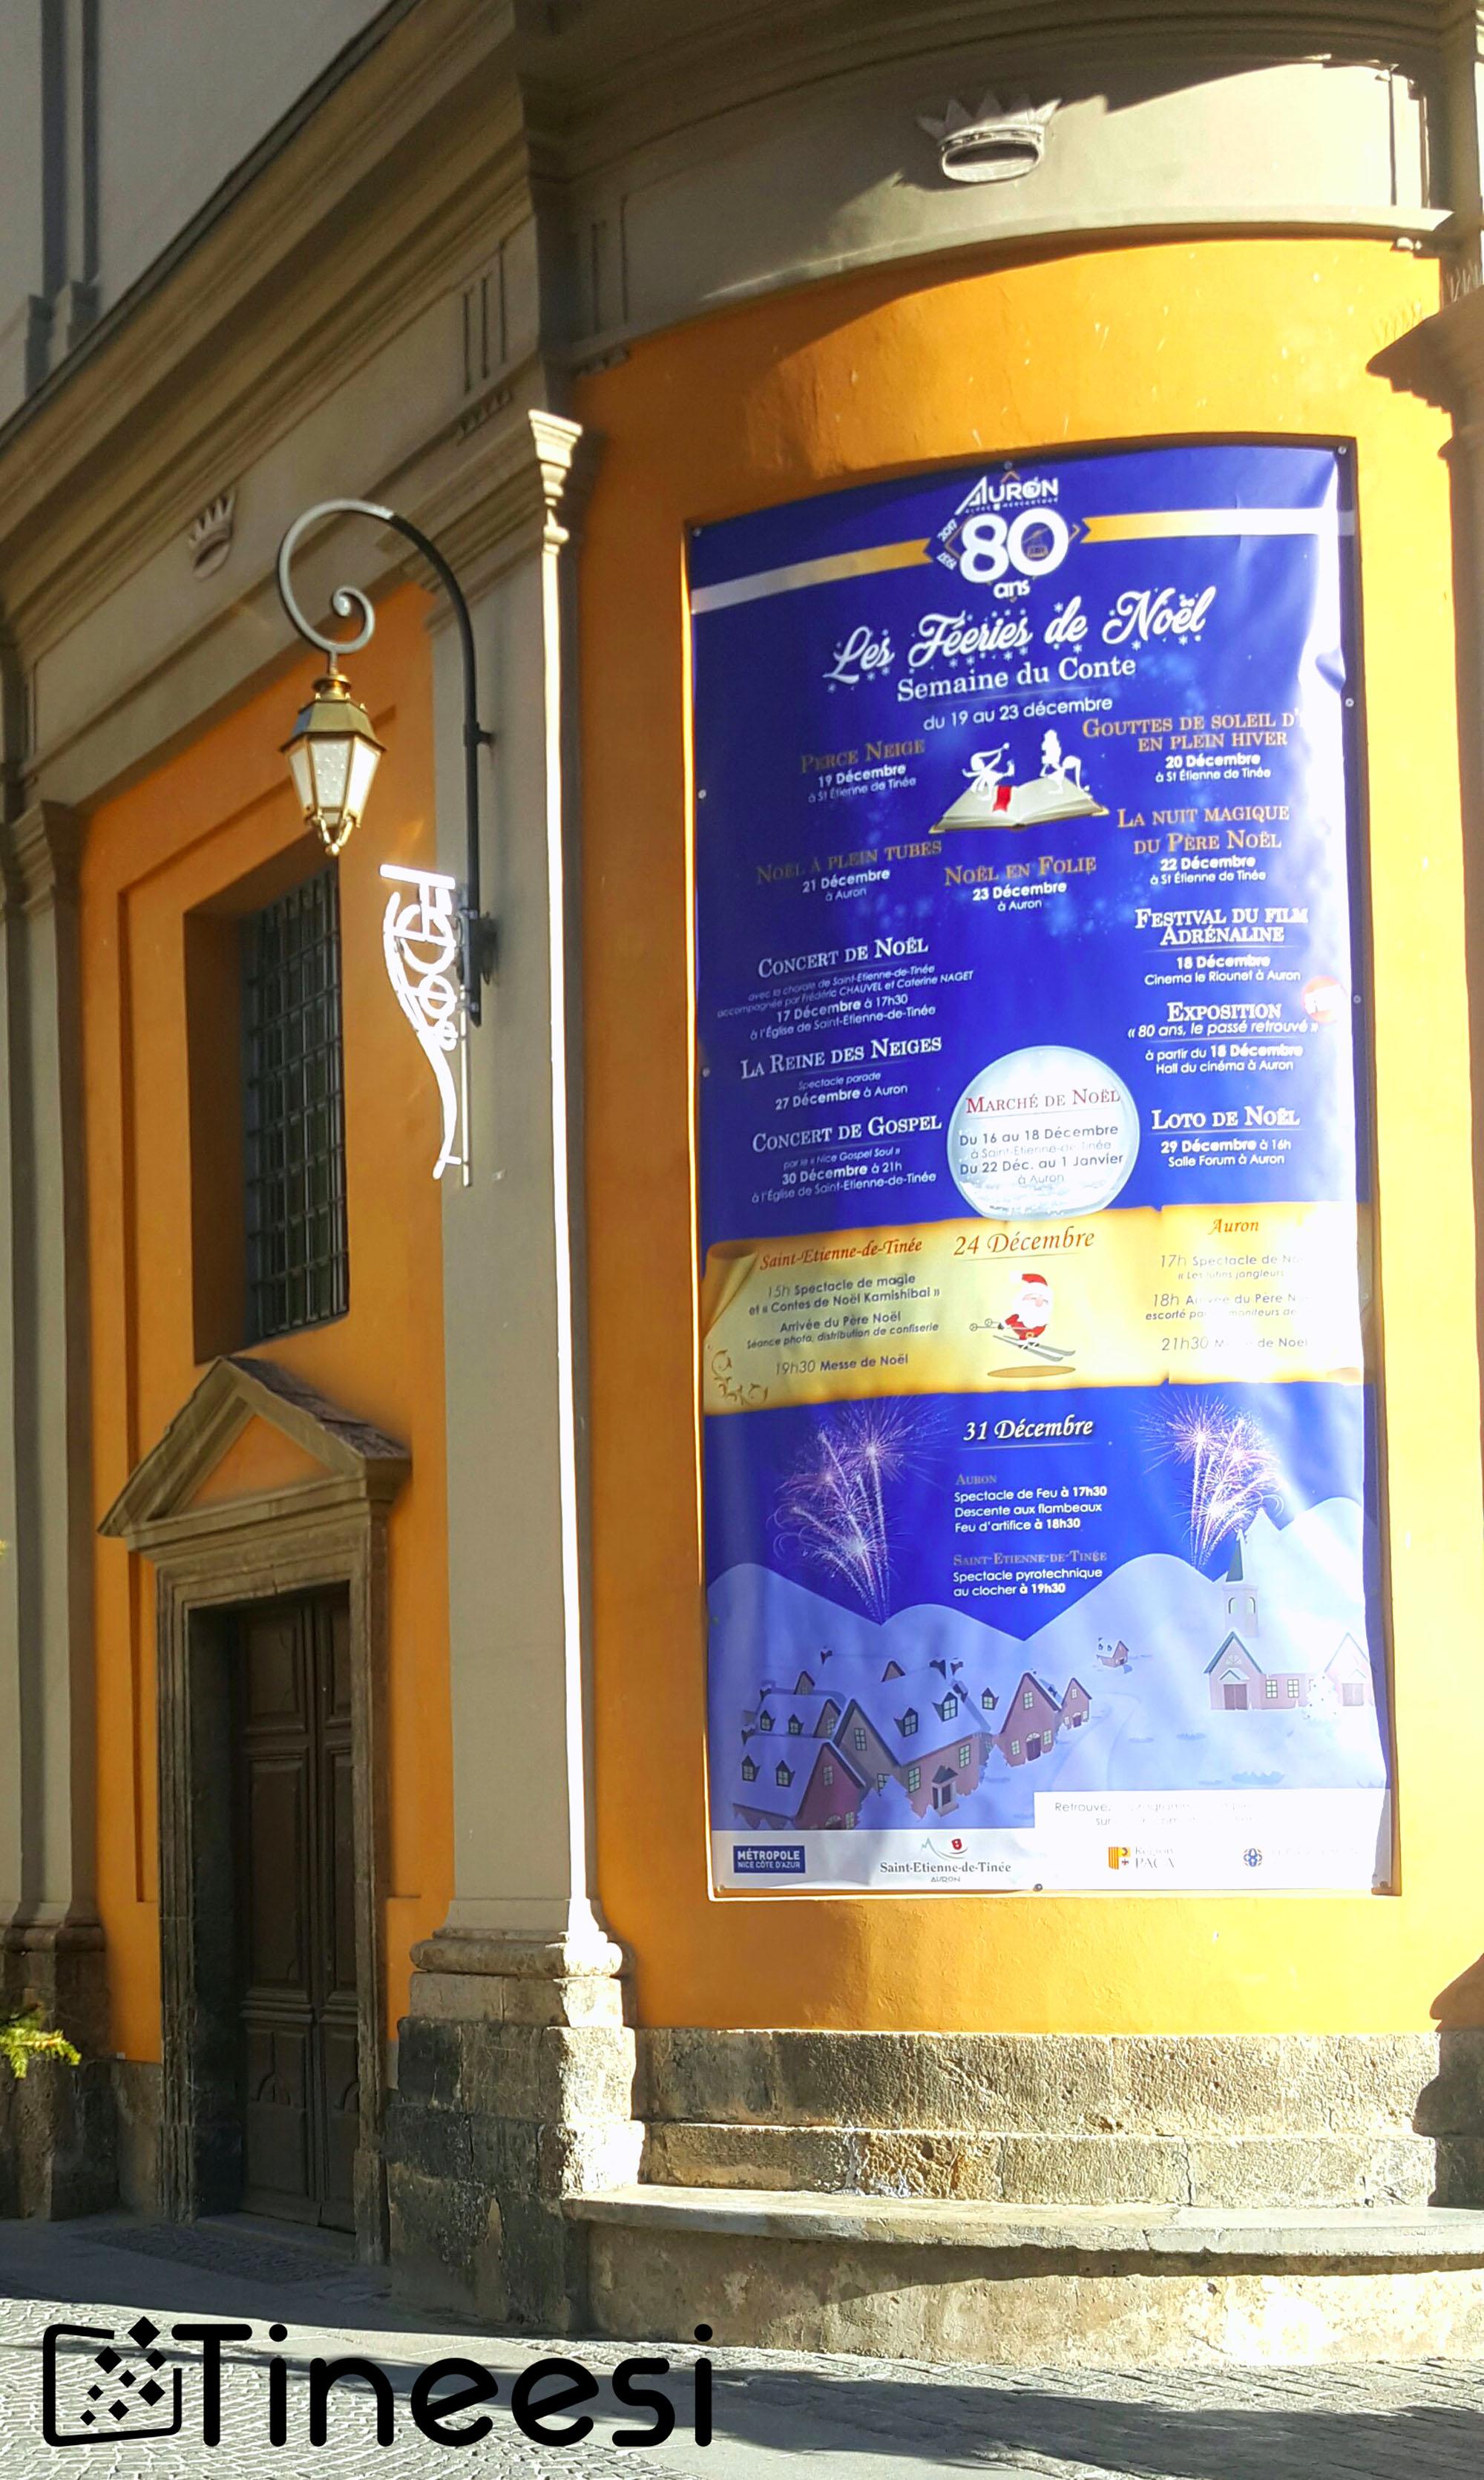 2017-04 Mairie ste – bache eglise